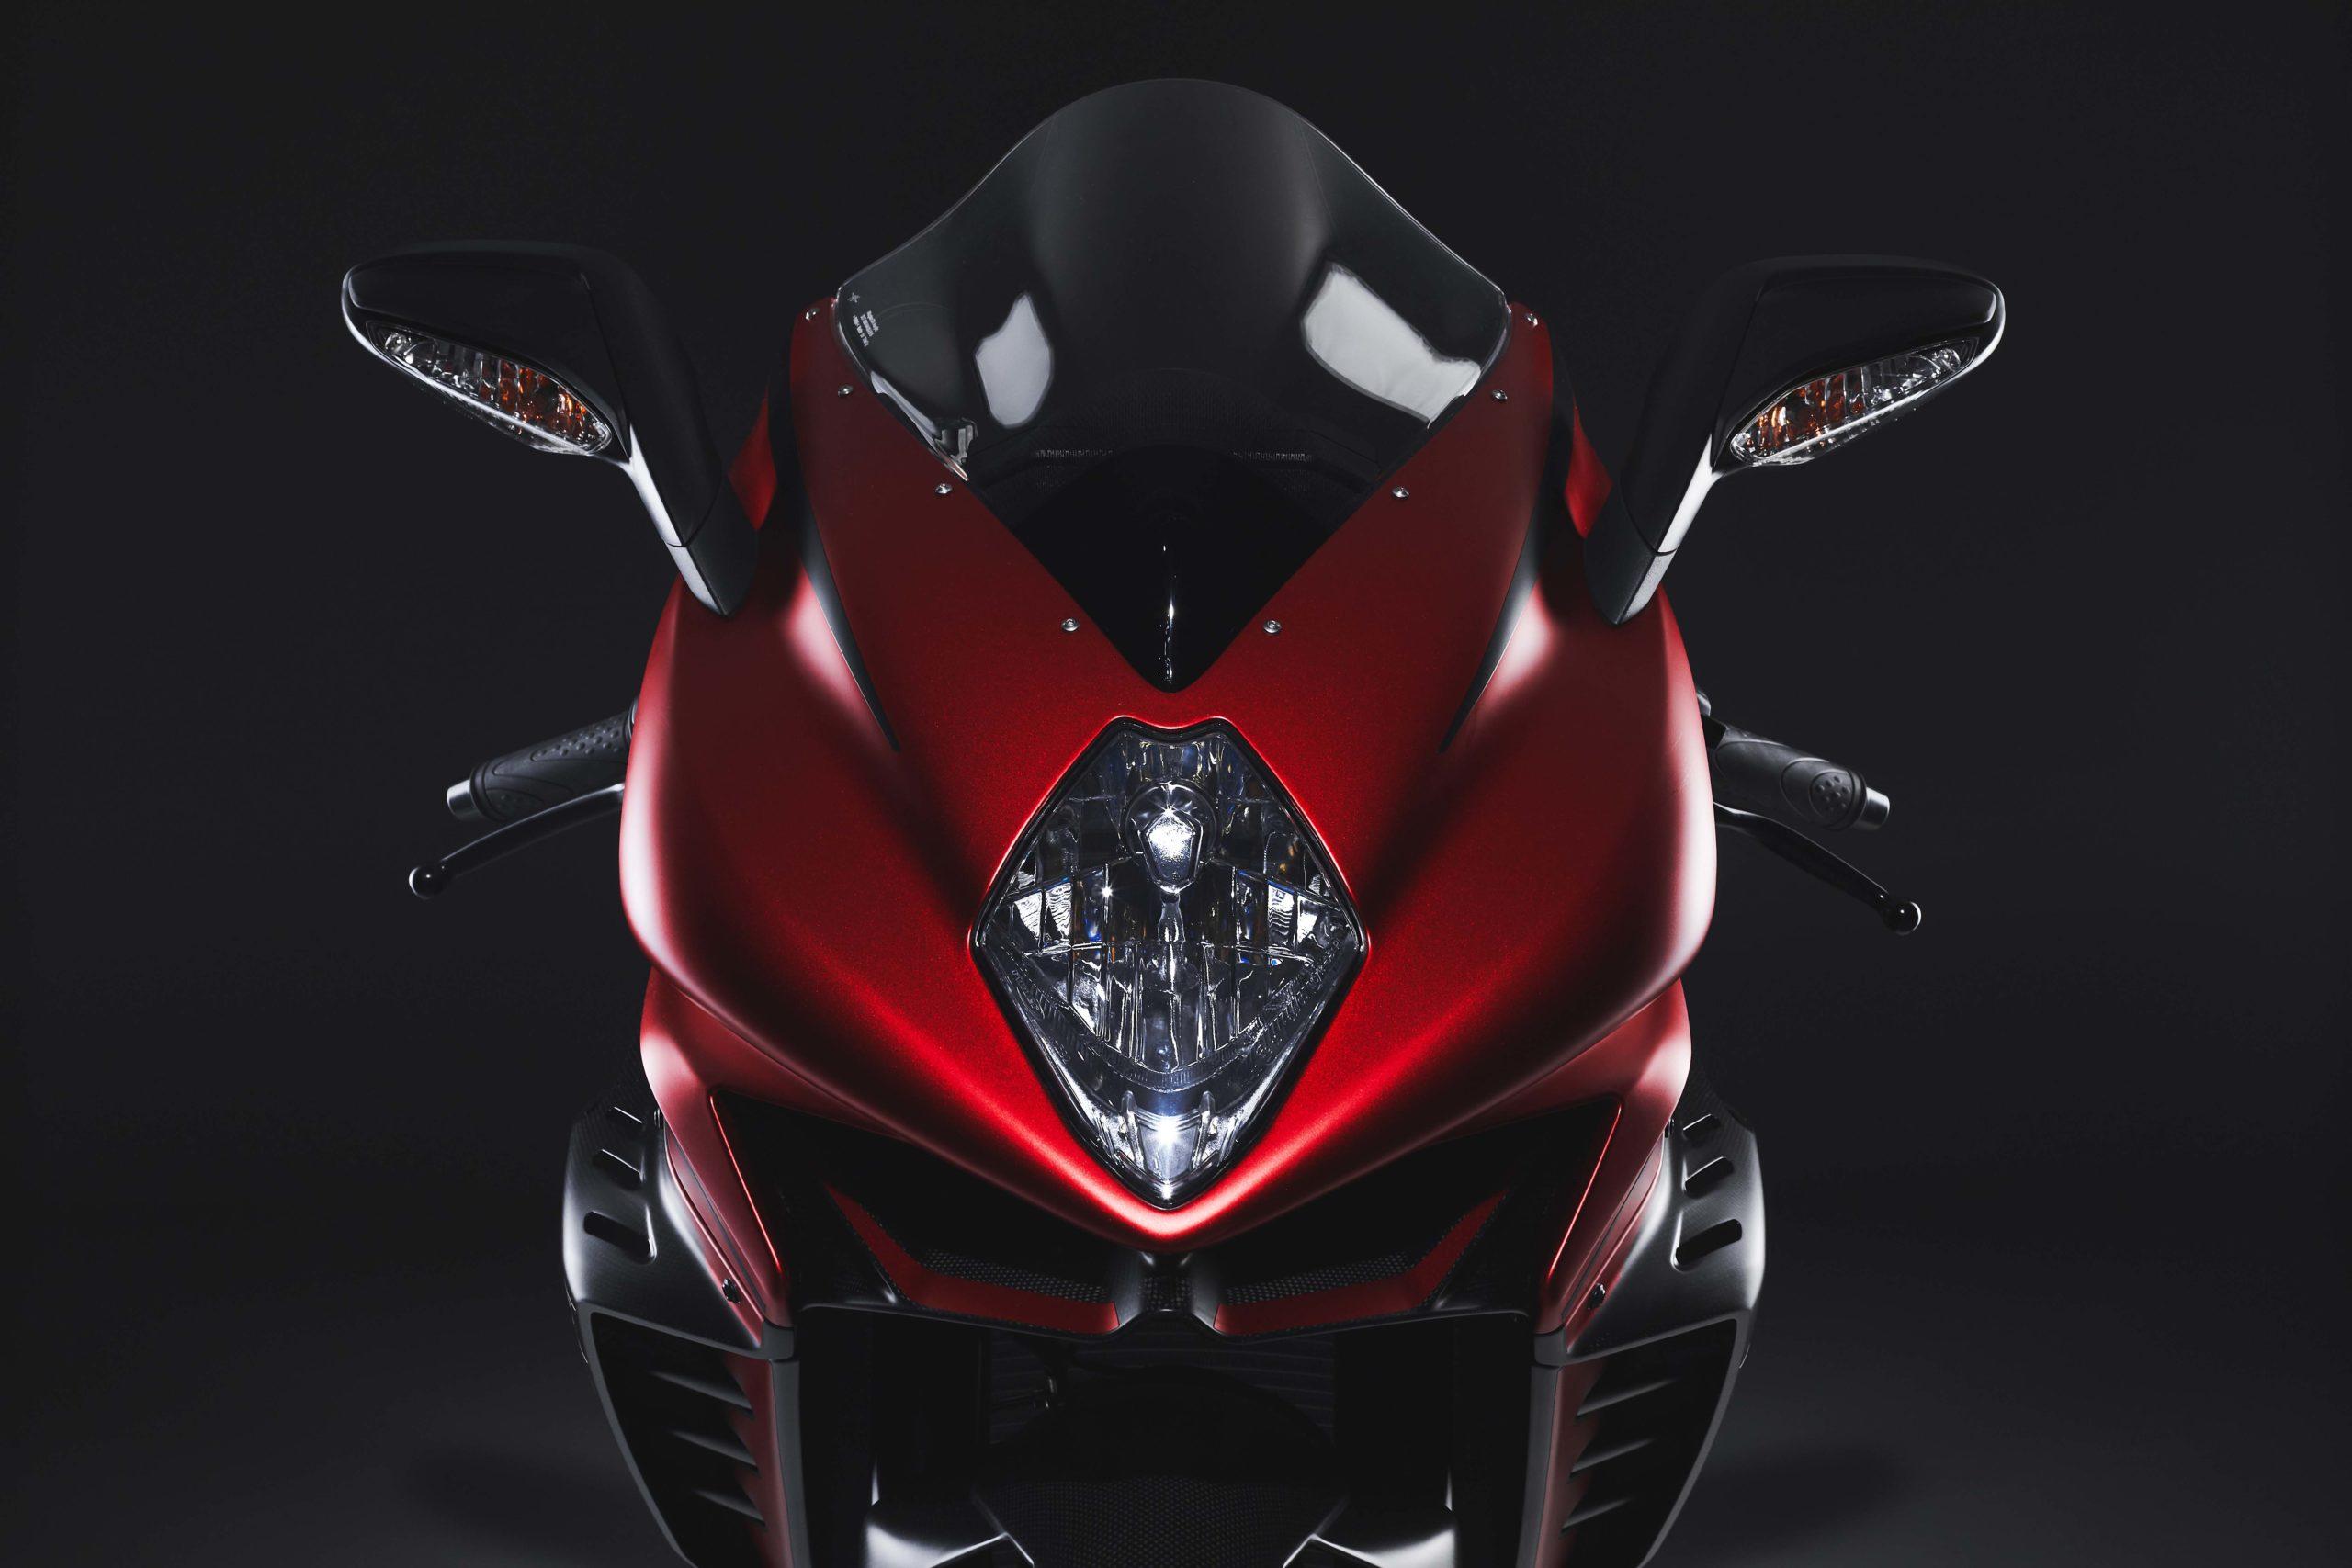 спортбайк MV Agusta F3 RR 2022